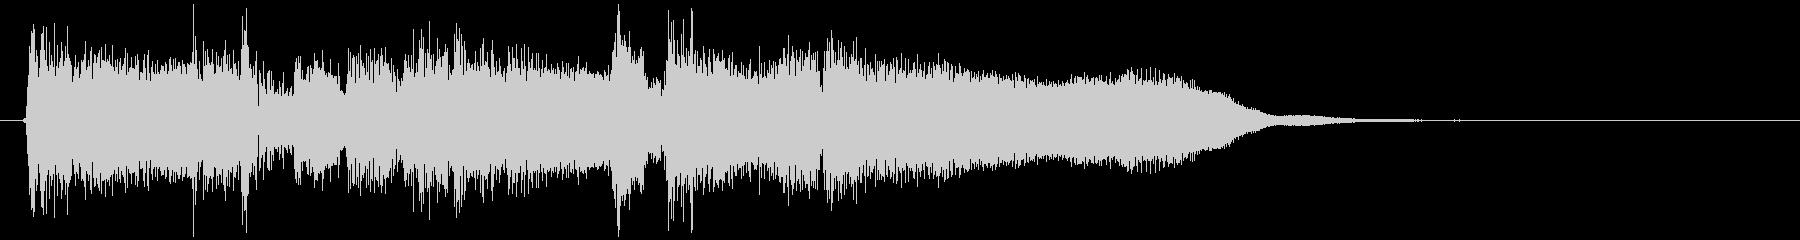 フルート生演奏の素敵なボサノバジングルの未再生の波形